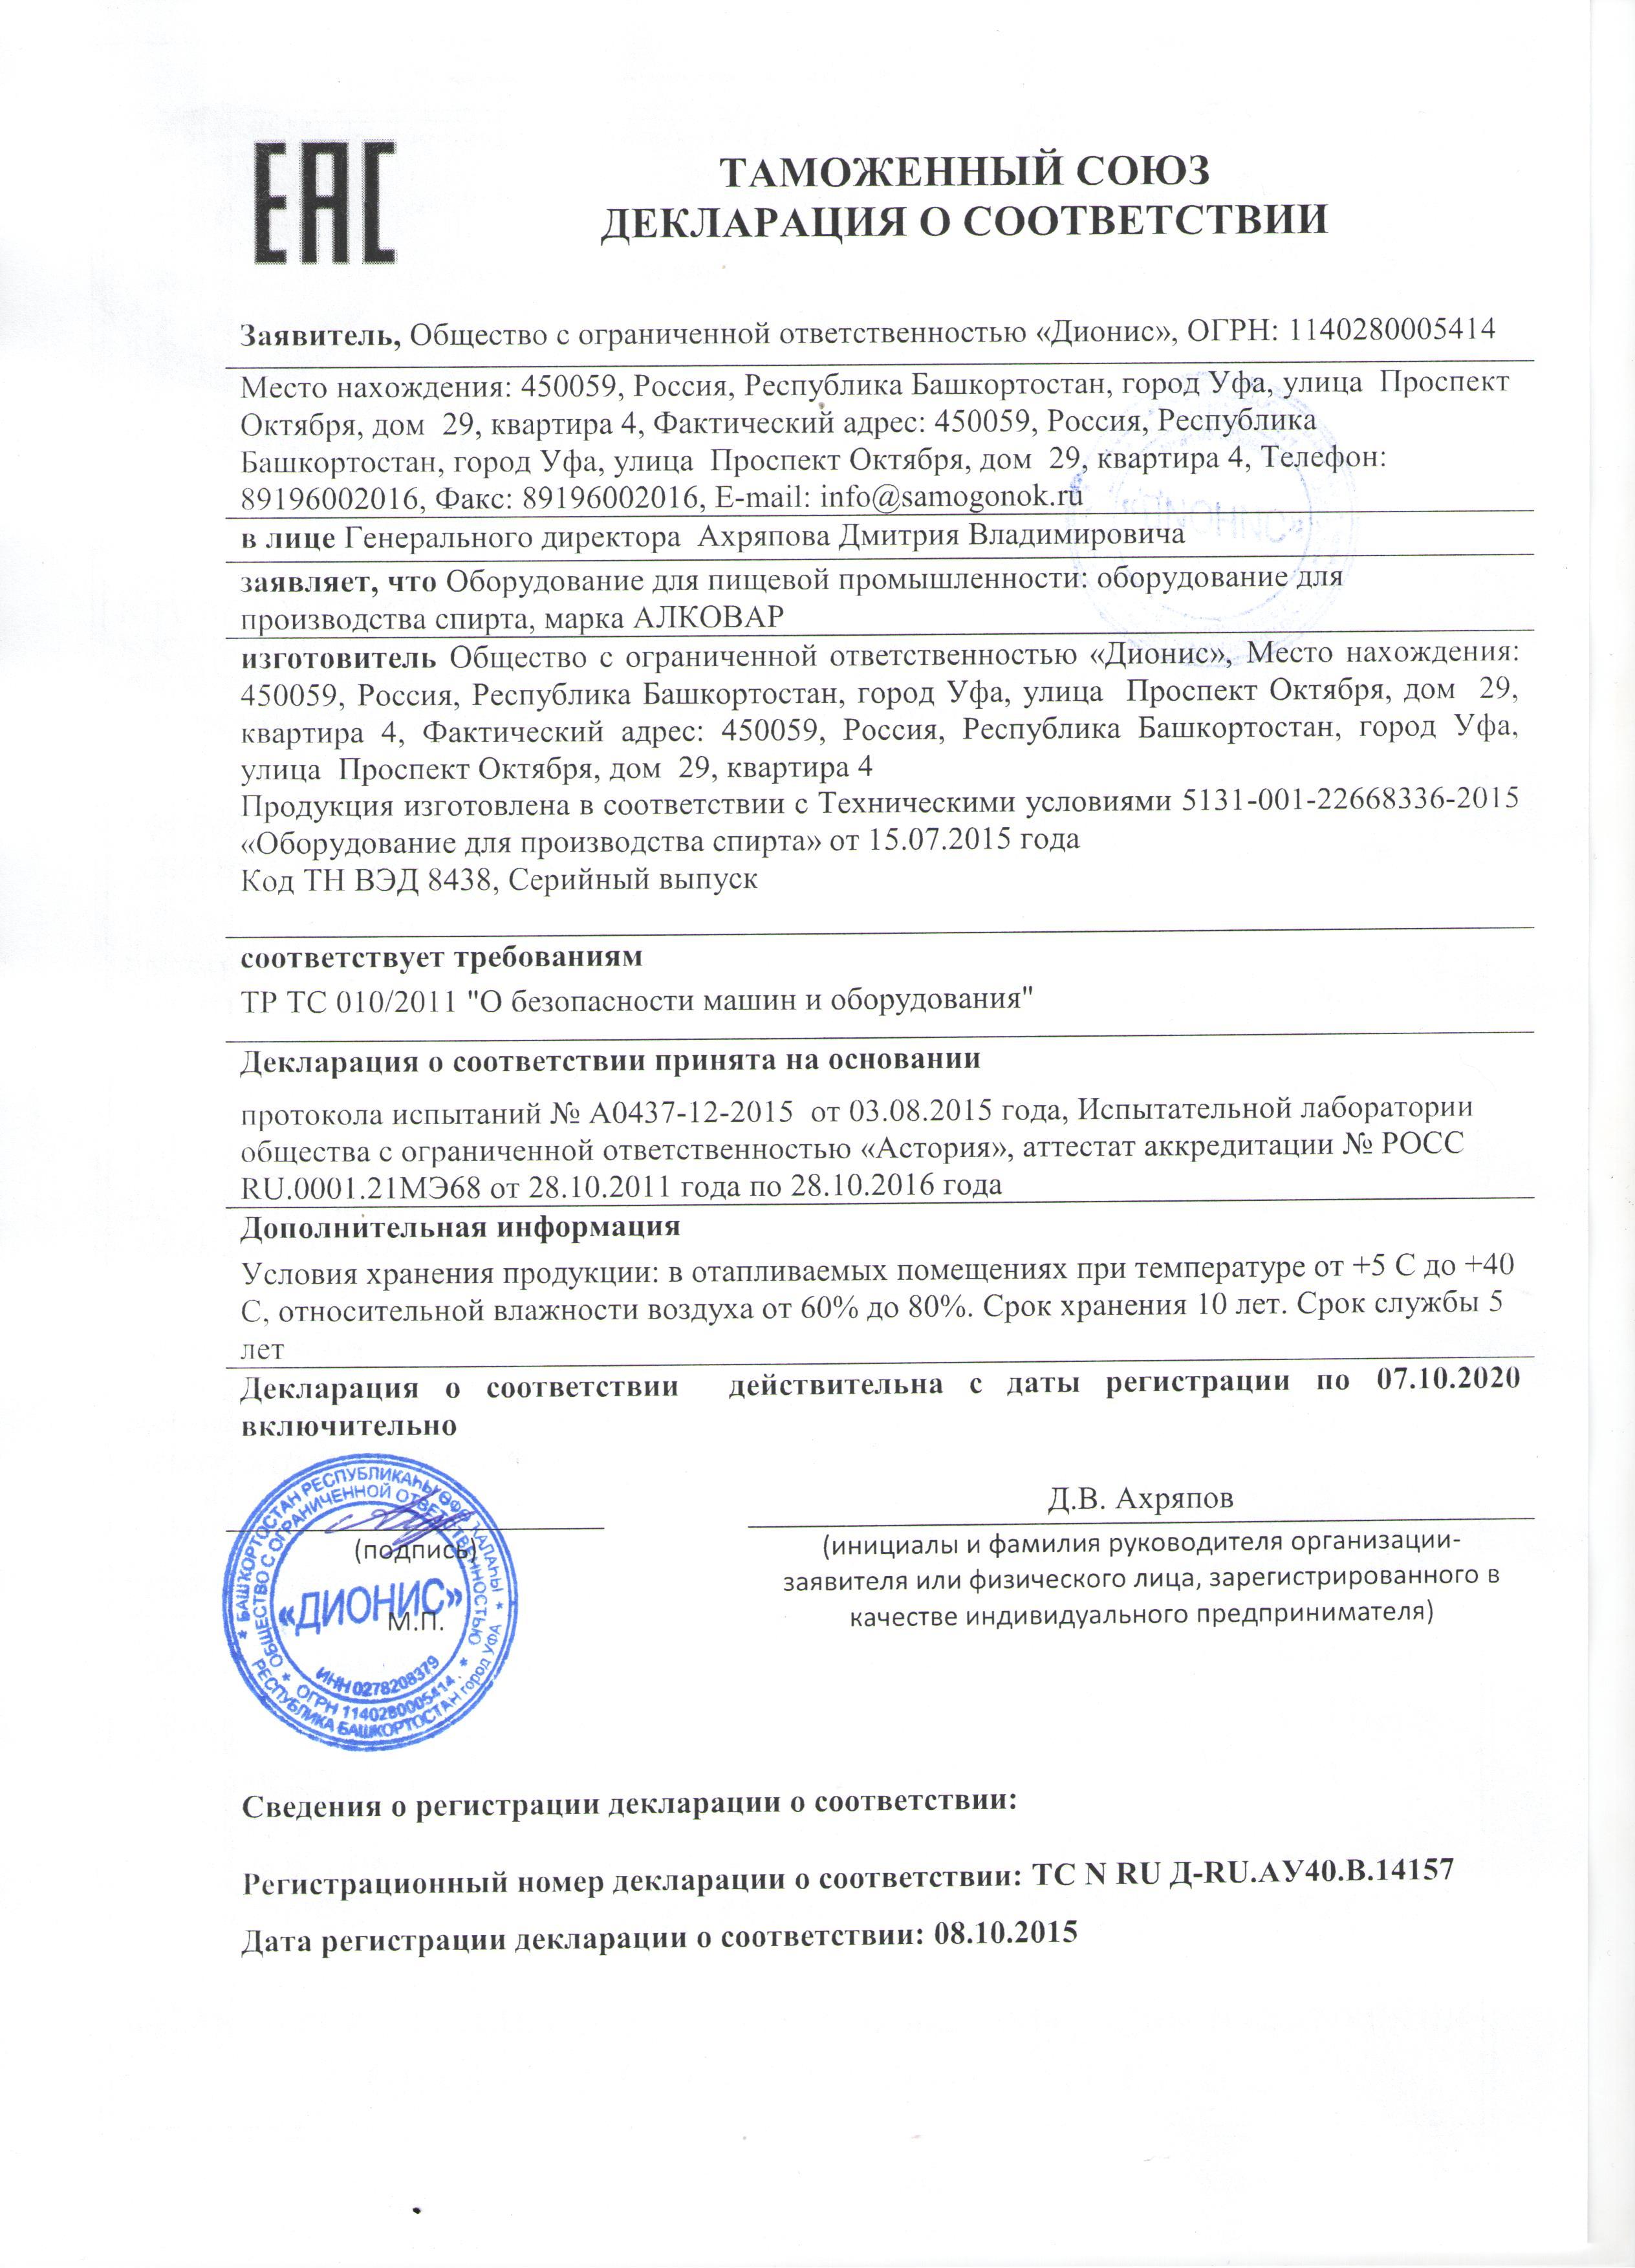 Декларация о соответствии на самогонные аппараты АЛКОВАР